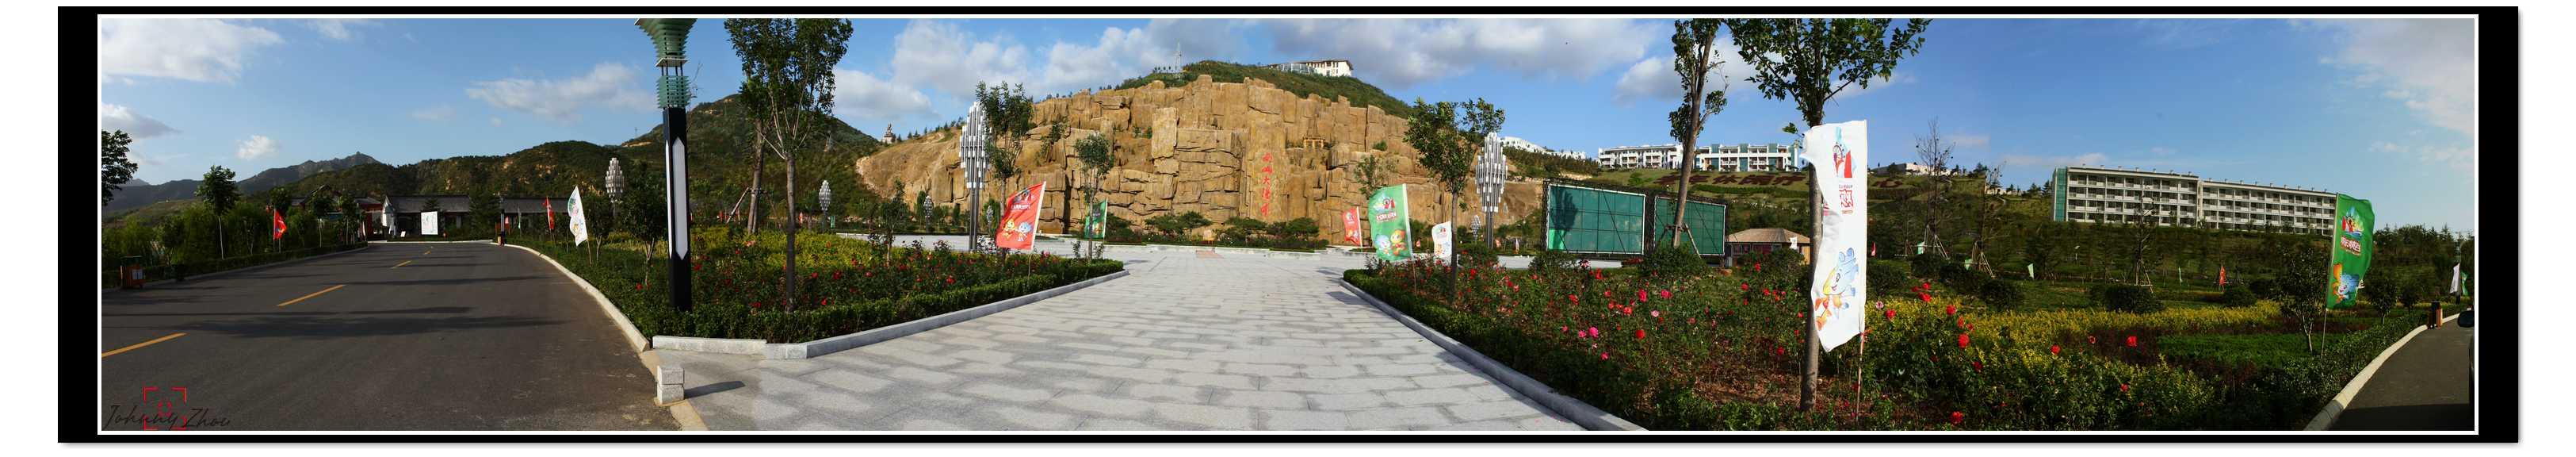 南山主题全景图 24.jpg